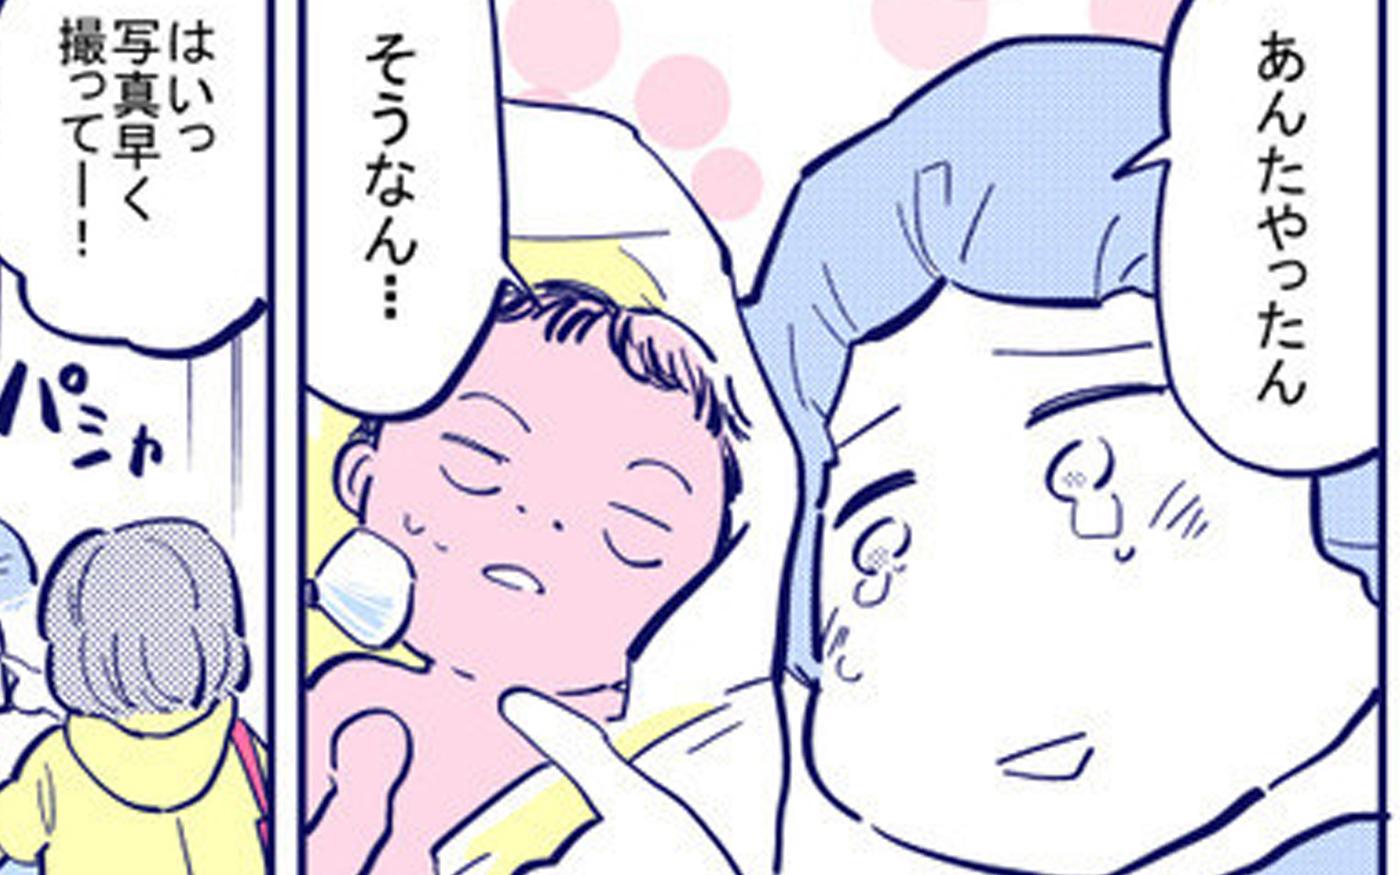 赤ちゃんと感動の初対面…! しかしすぐにNICUのある病院へ運ばれることに